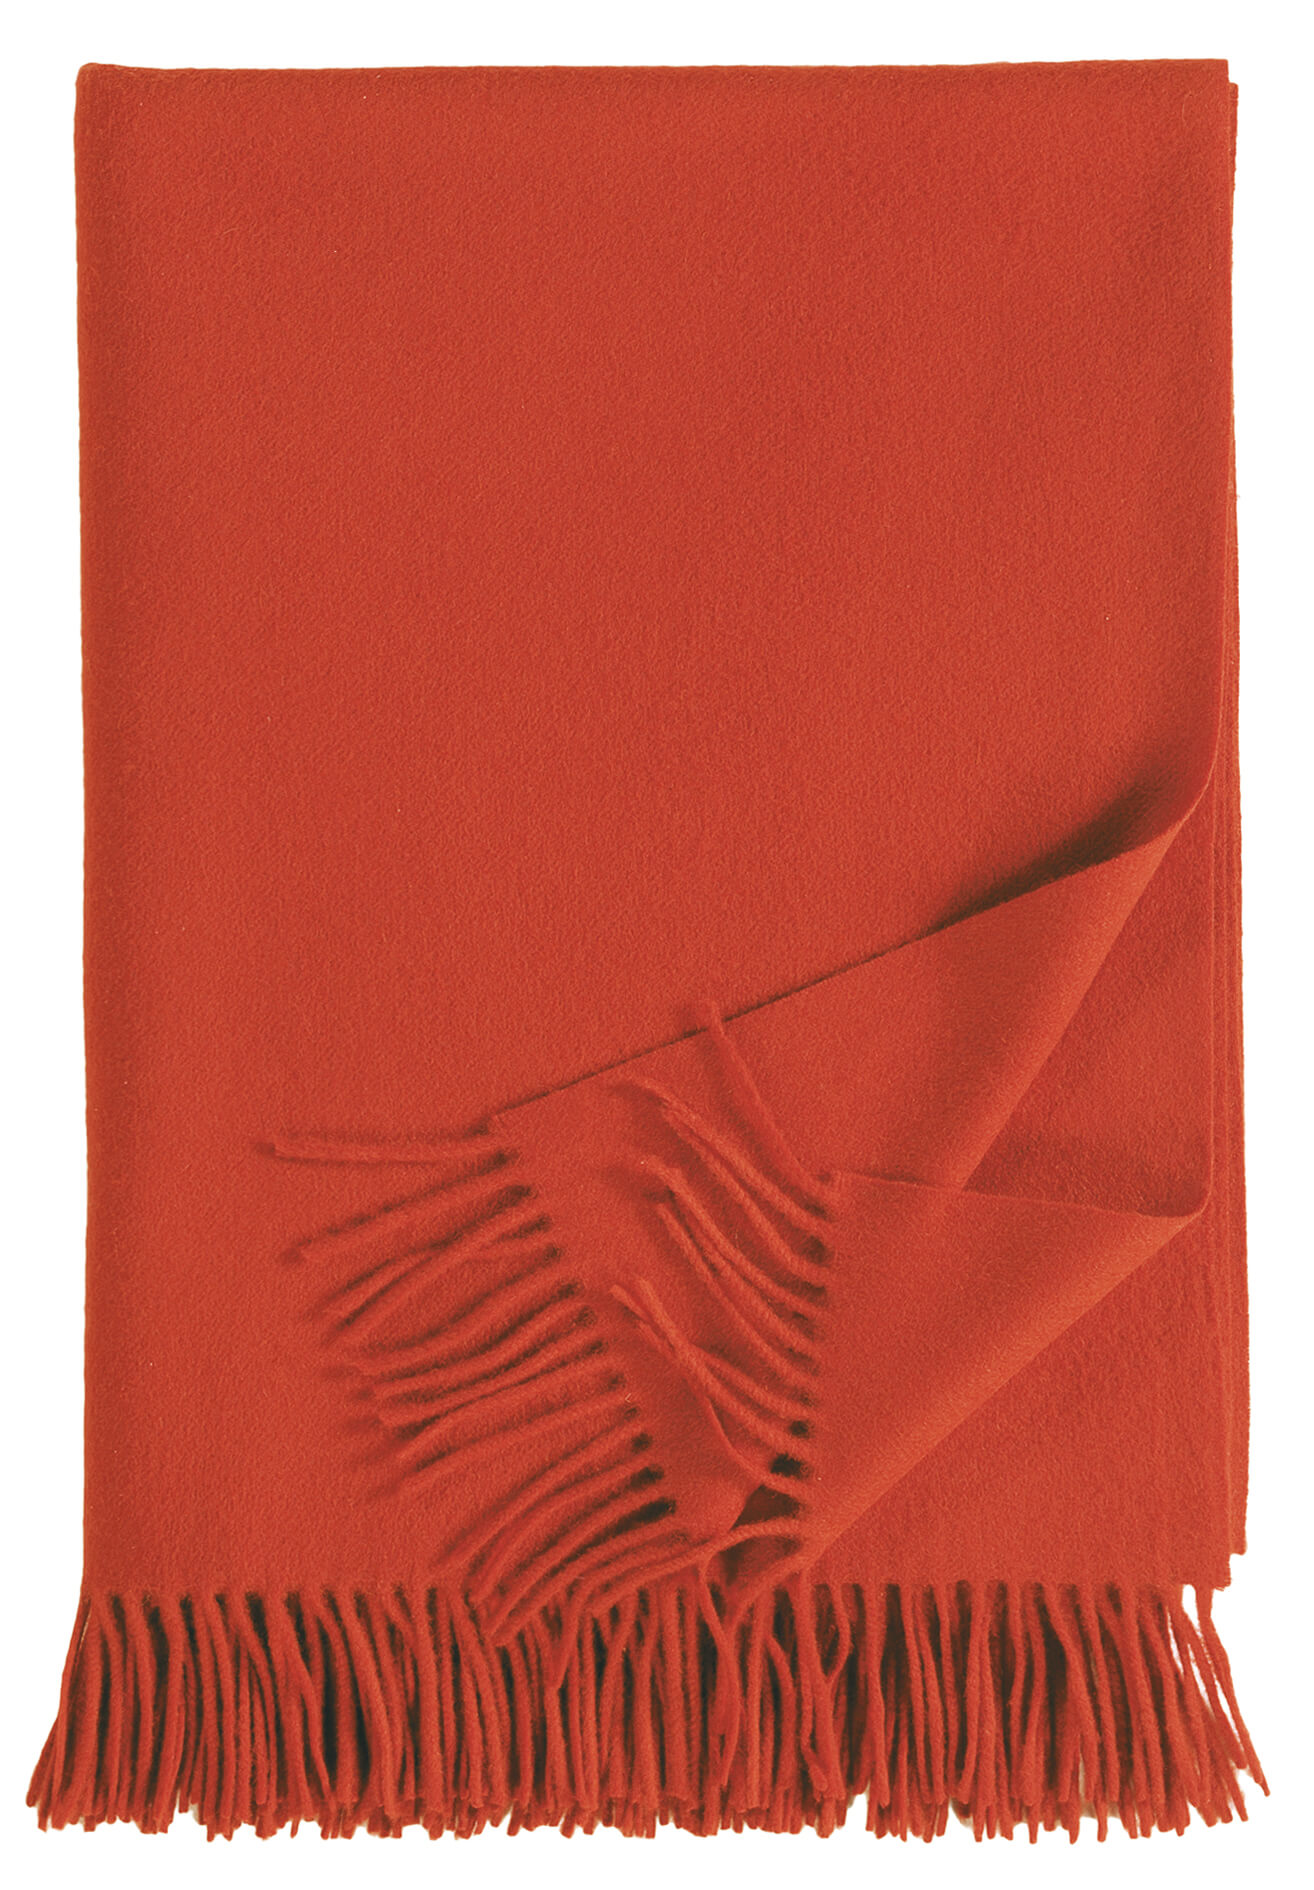 Bild von 311127-F_1272, Variante terracotta